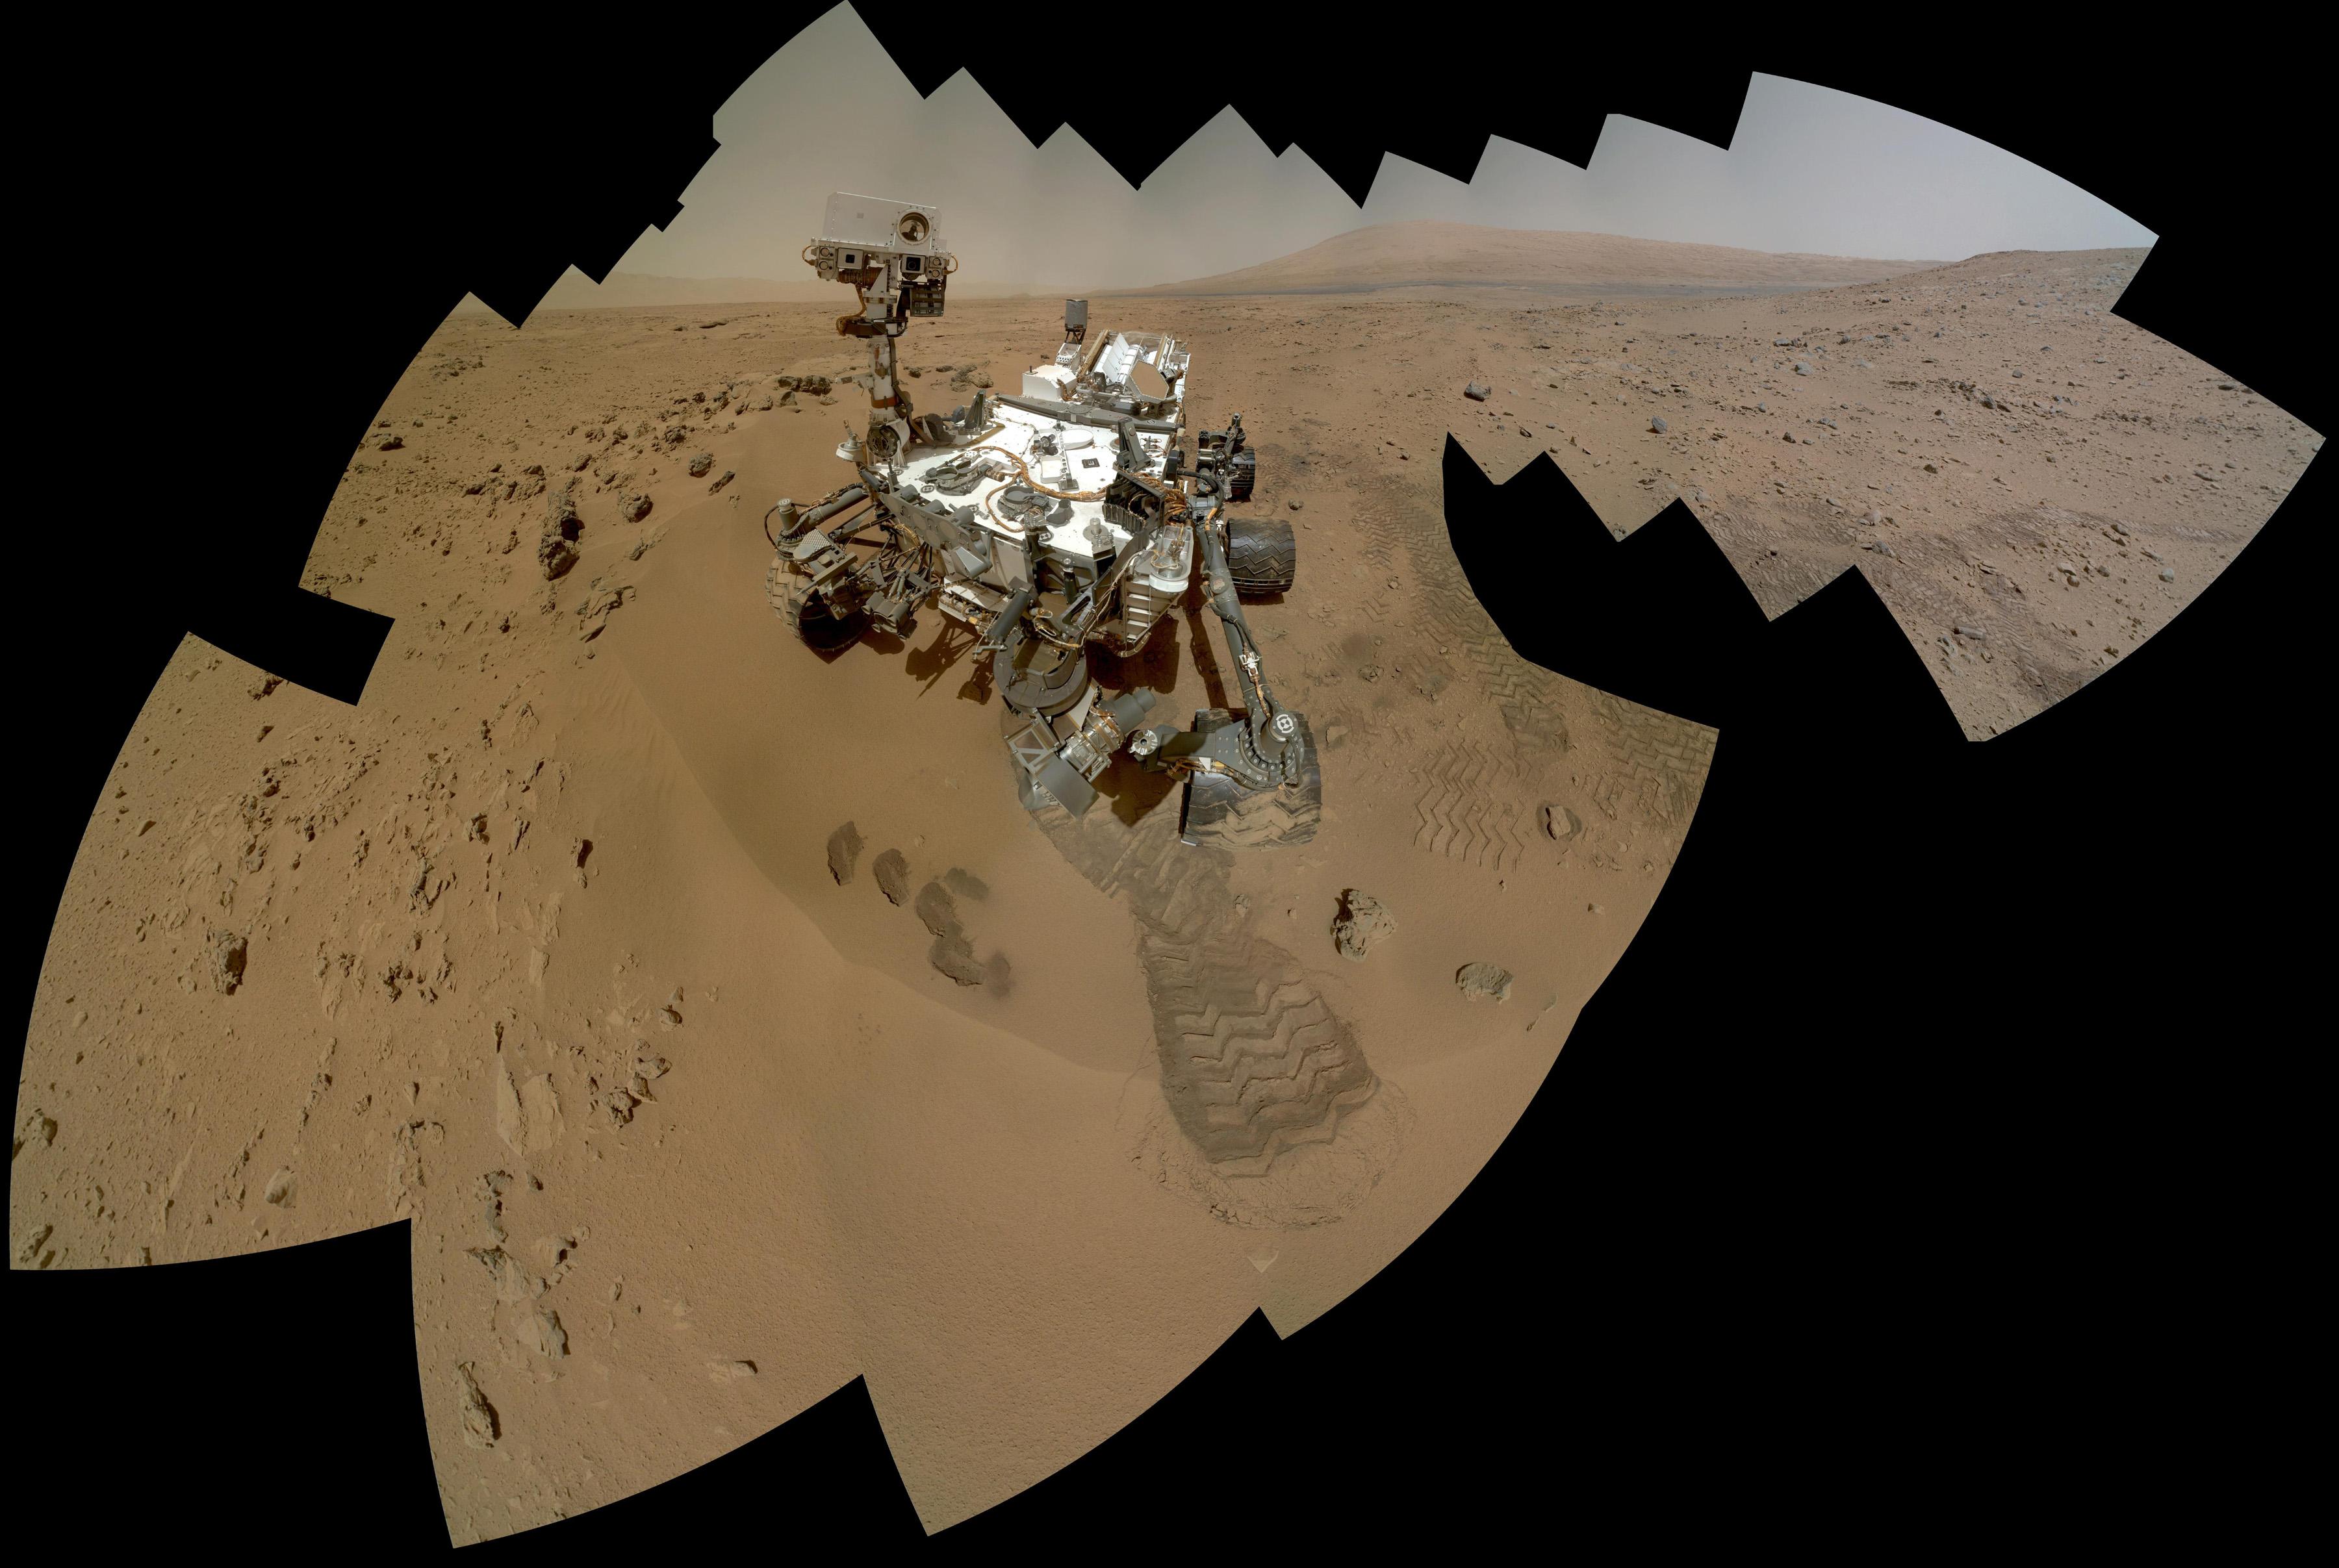 Las muestras recogidas por Curiosity confirman la presencia de agua en Marte